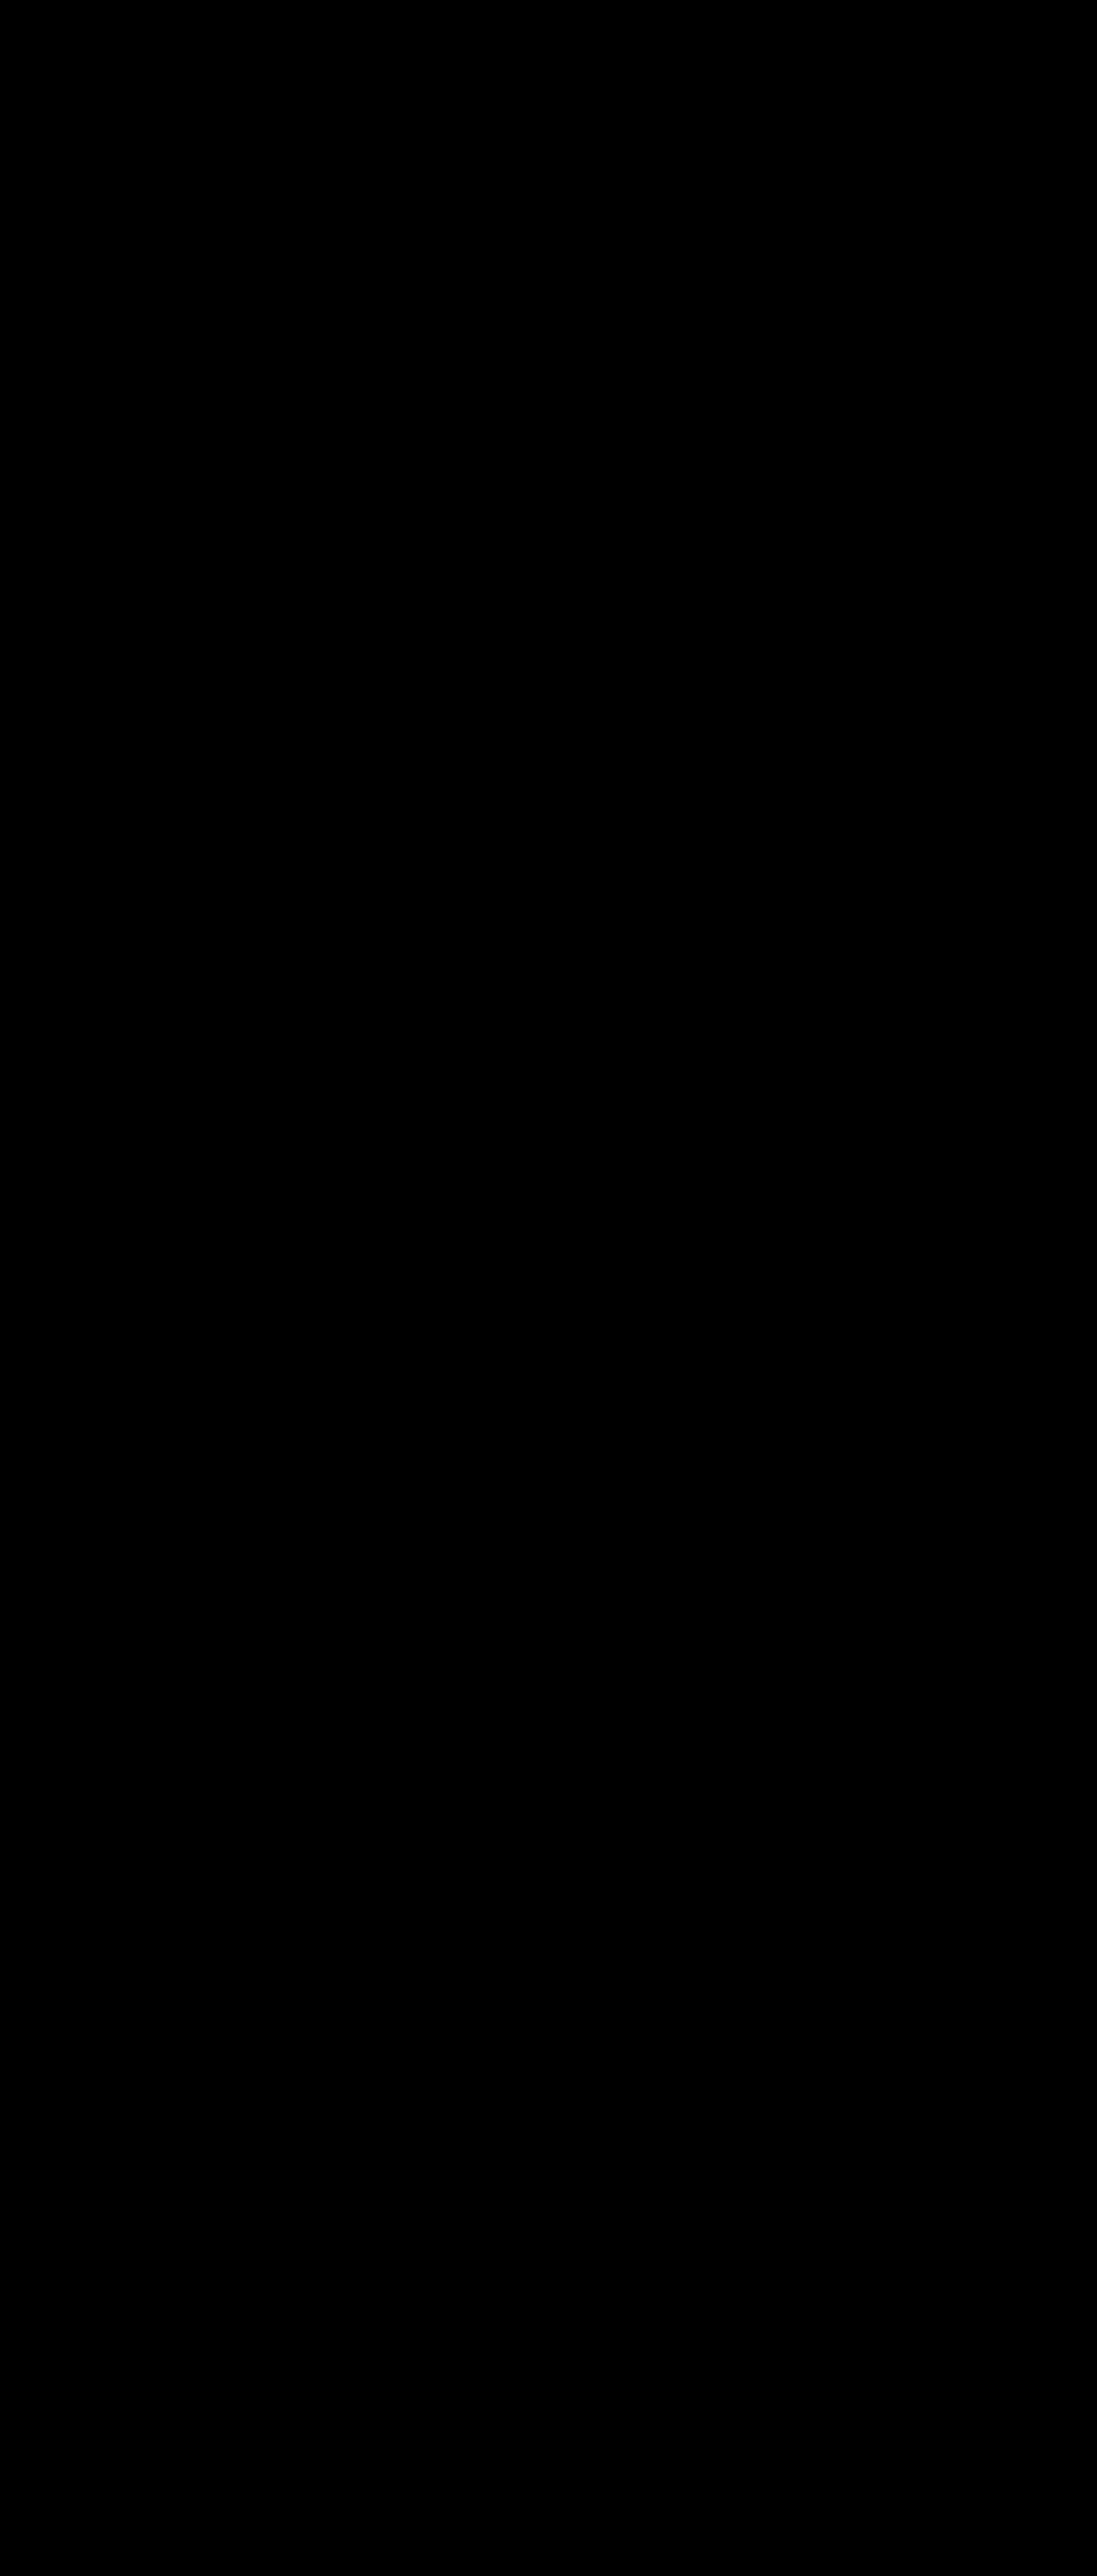 ALEMAN PARA EL VIAJERO - Guía de conversación Lonely Planet 2015